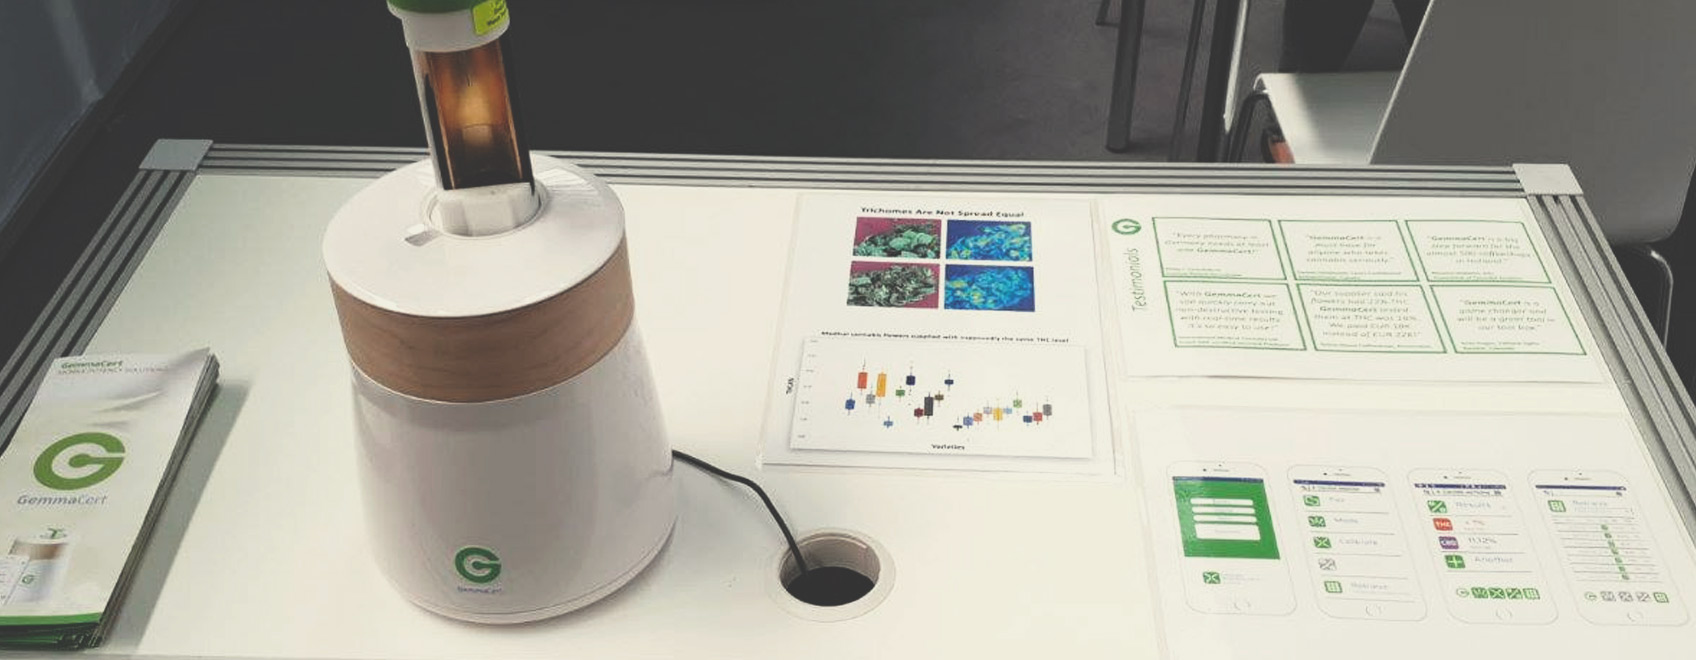 Gadget per testare la cannabis